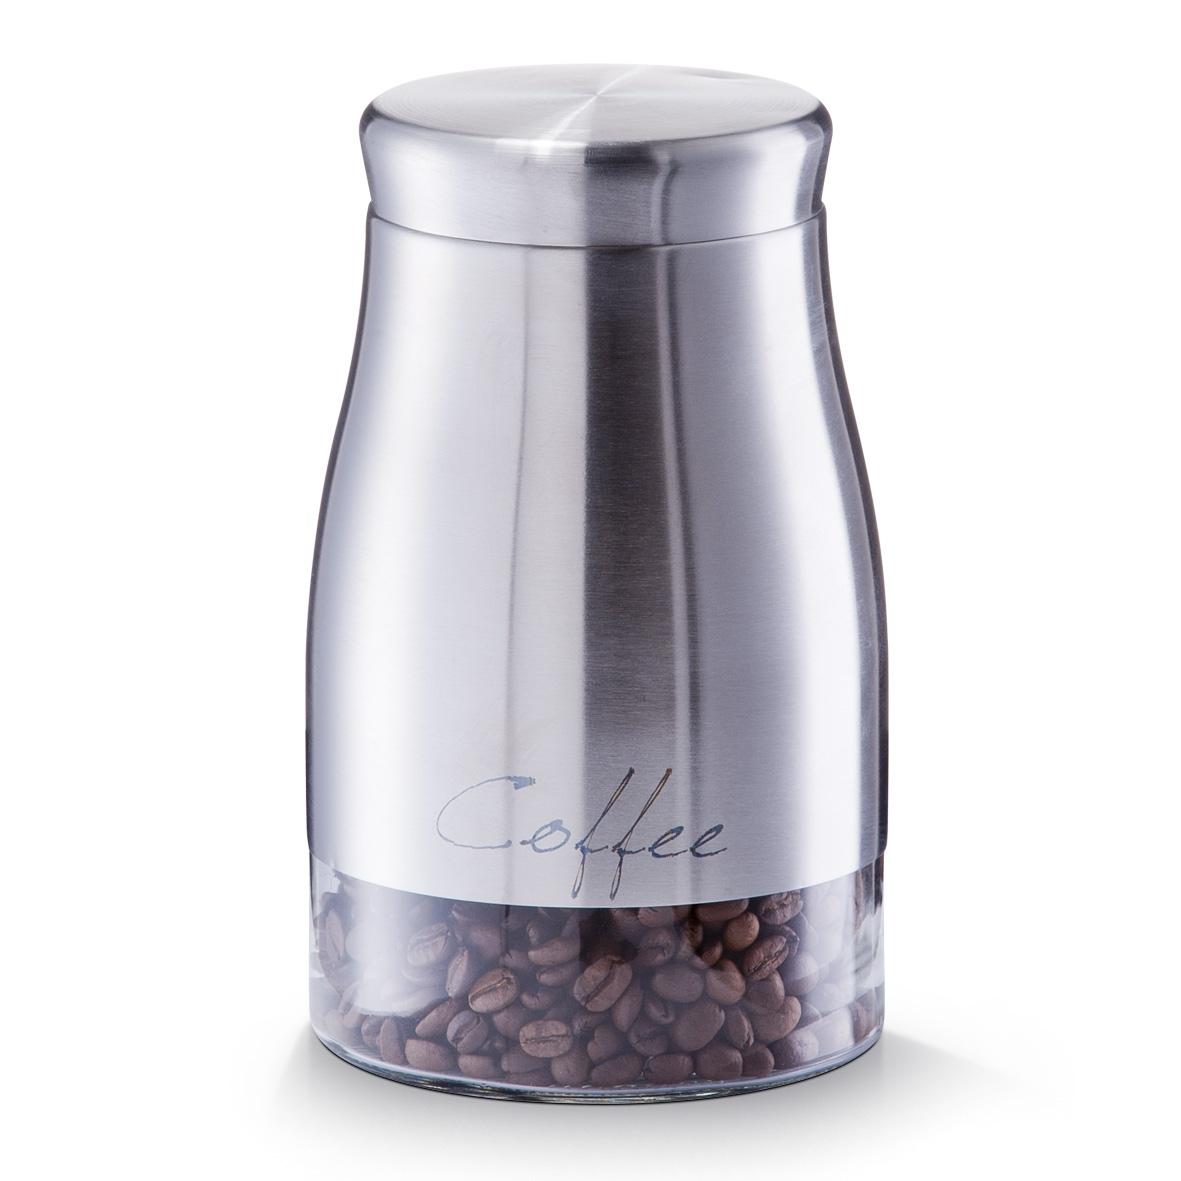 Recipient pentru cafea din sticla si inox Coffee, Silver 1300 ml, Ø 11,5xH19 cm imagine